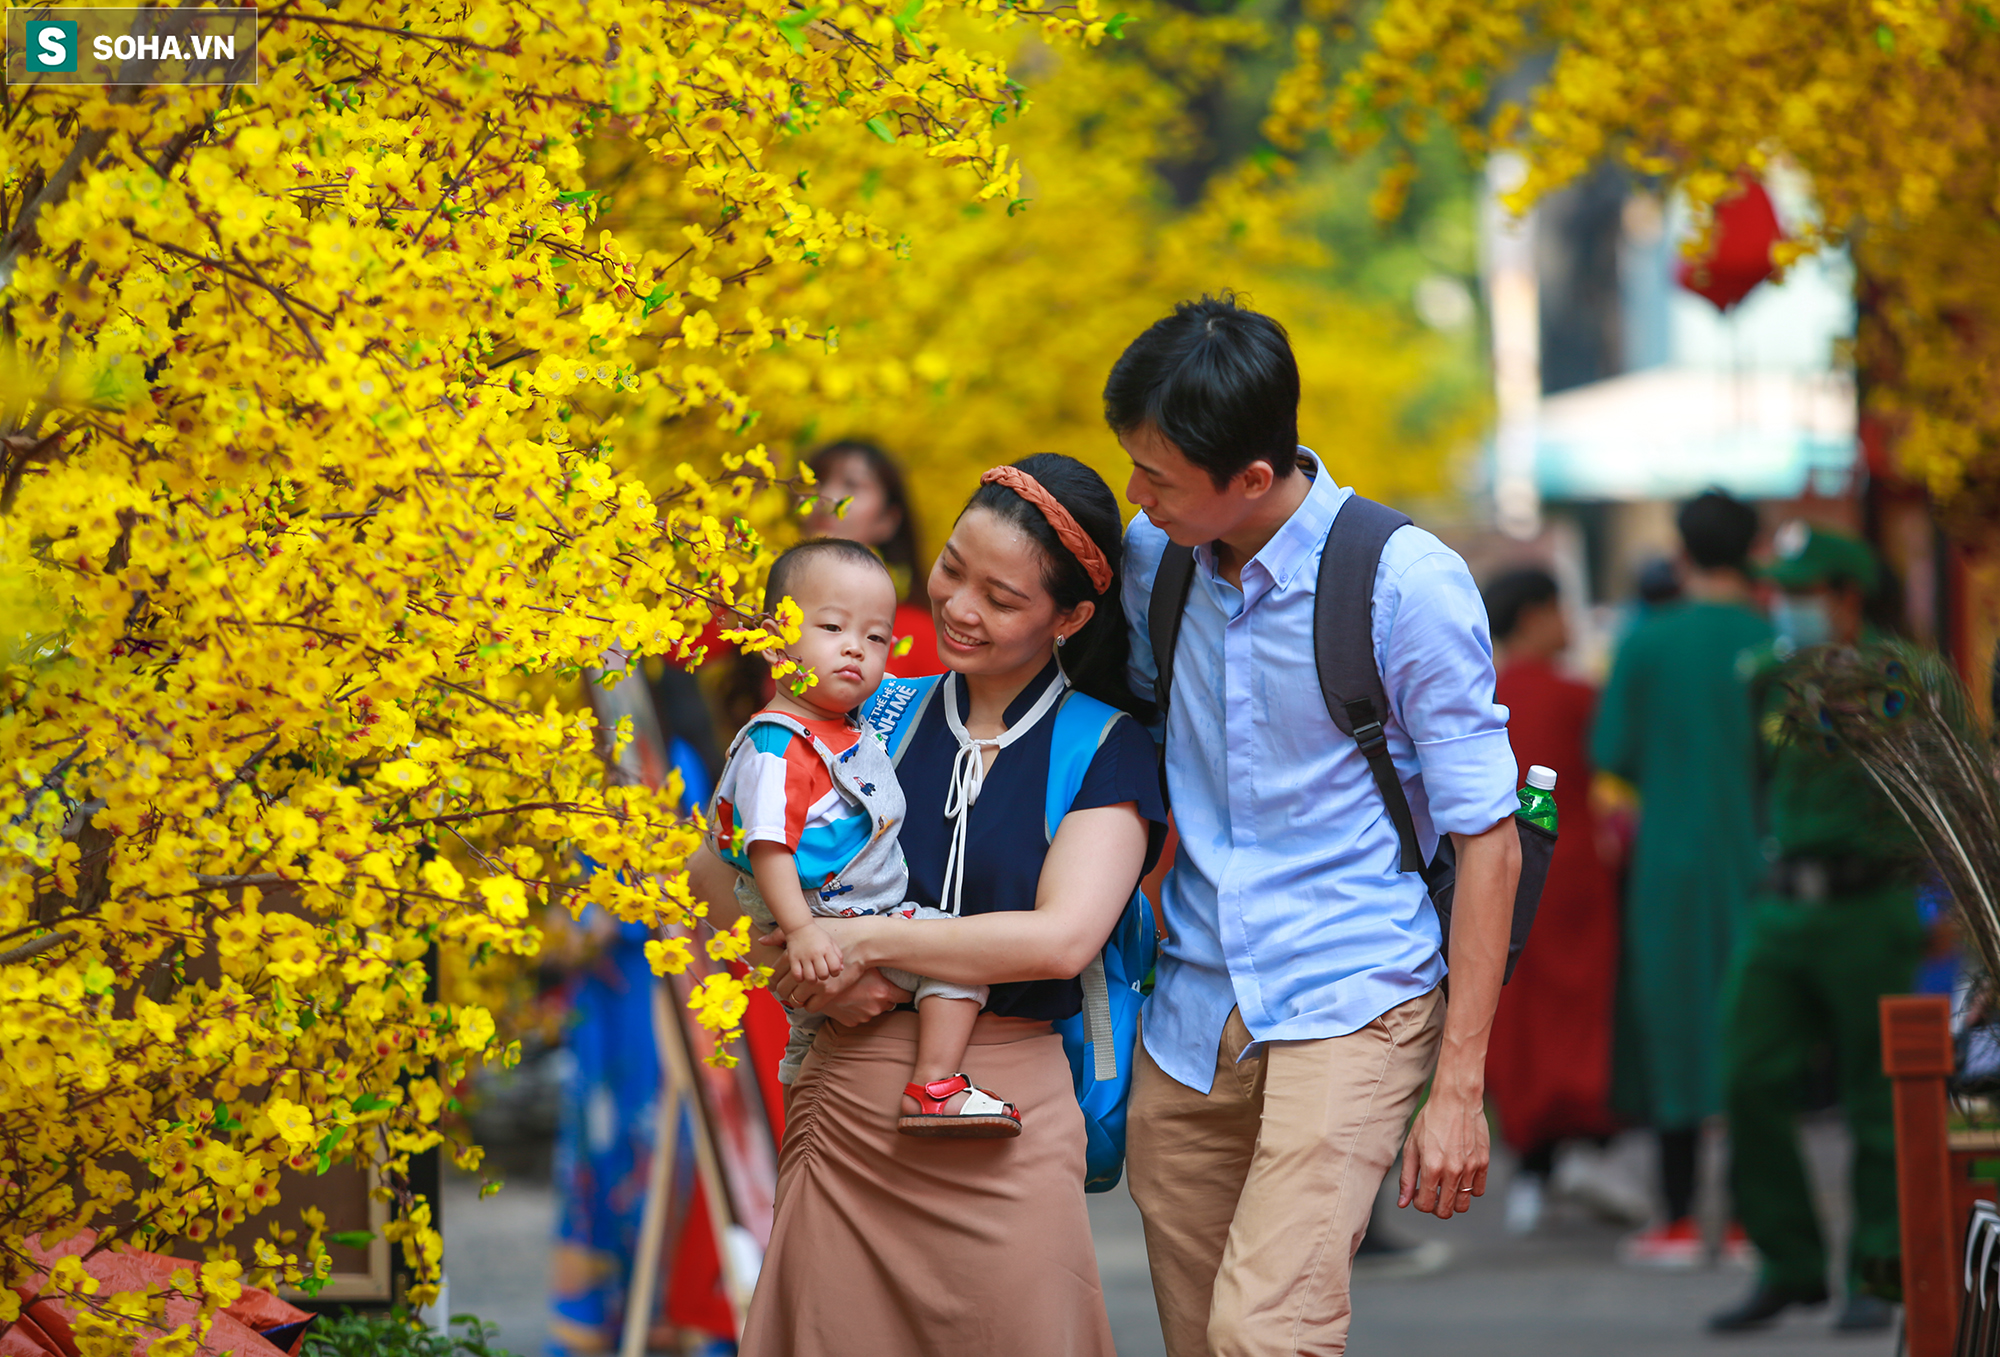 [Ảnh] Thiếu nữ Sài Gòn xinh đẹp xúng xính áo dài check-in sống ảo ở con đường hoa mai - Ảnh 15.